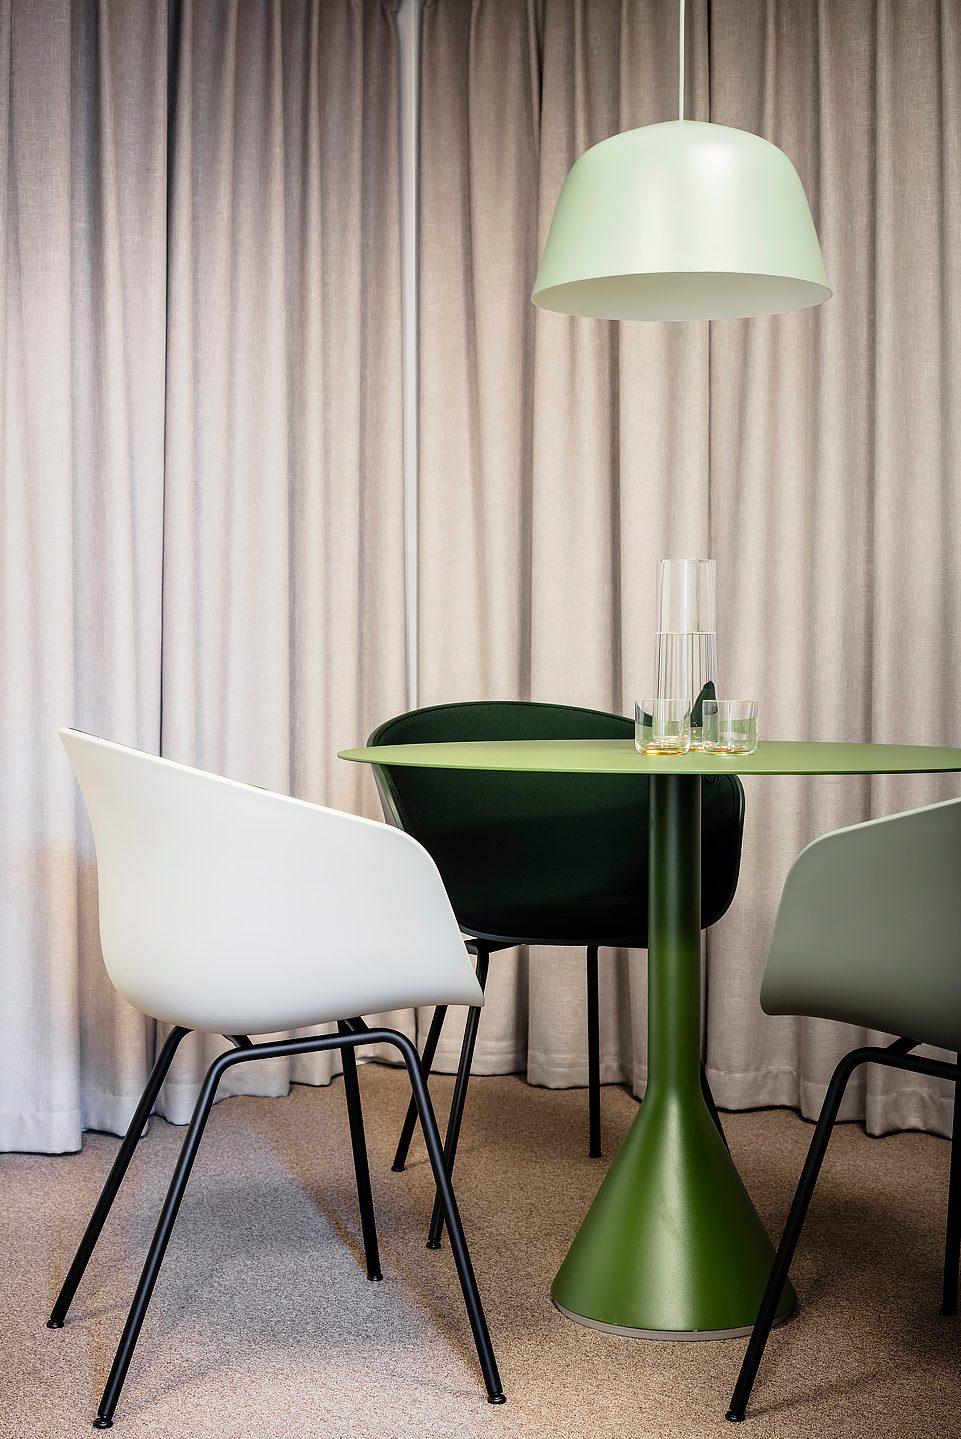 Stolar och lampa från Muuto, Textilier från Mimou, Bord från Hay, Studio A3